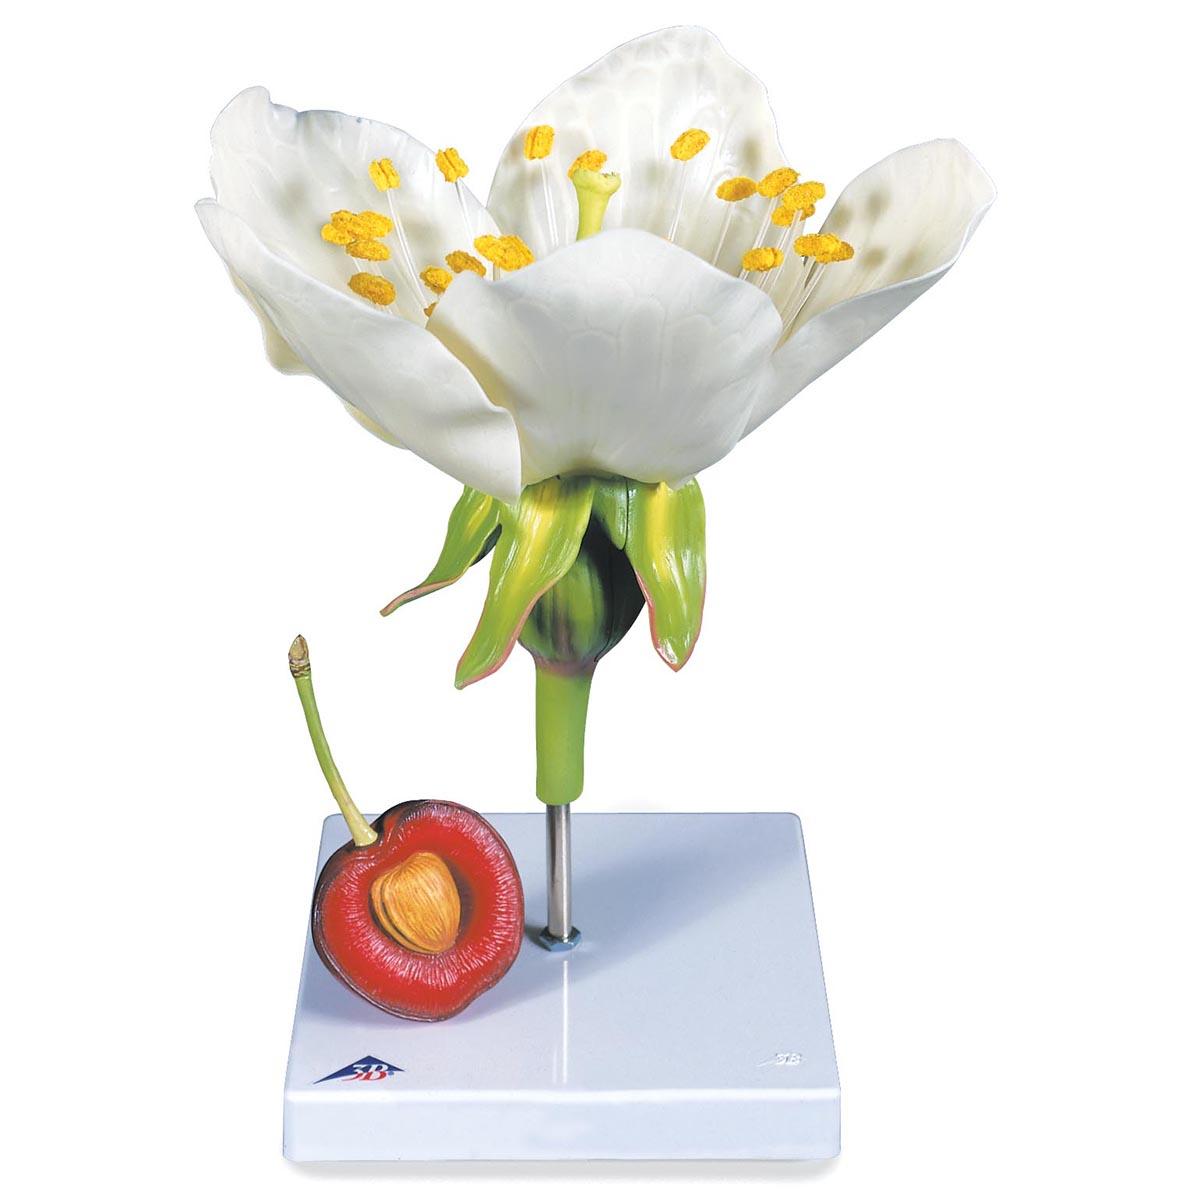 Kirschblüte mit Frucht (Prunus avium), Modell - 1020125 - T210191 ...